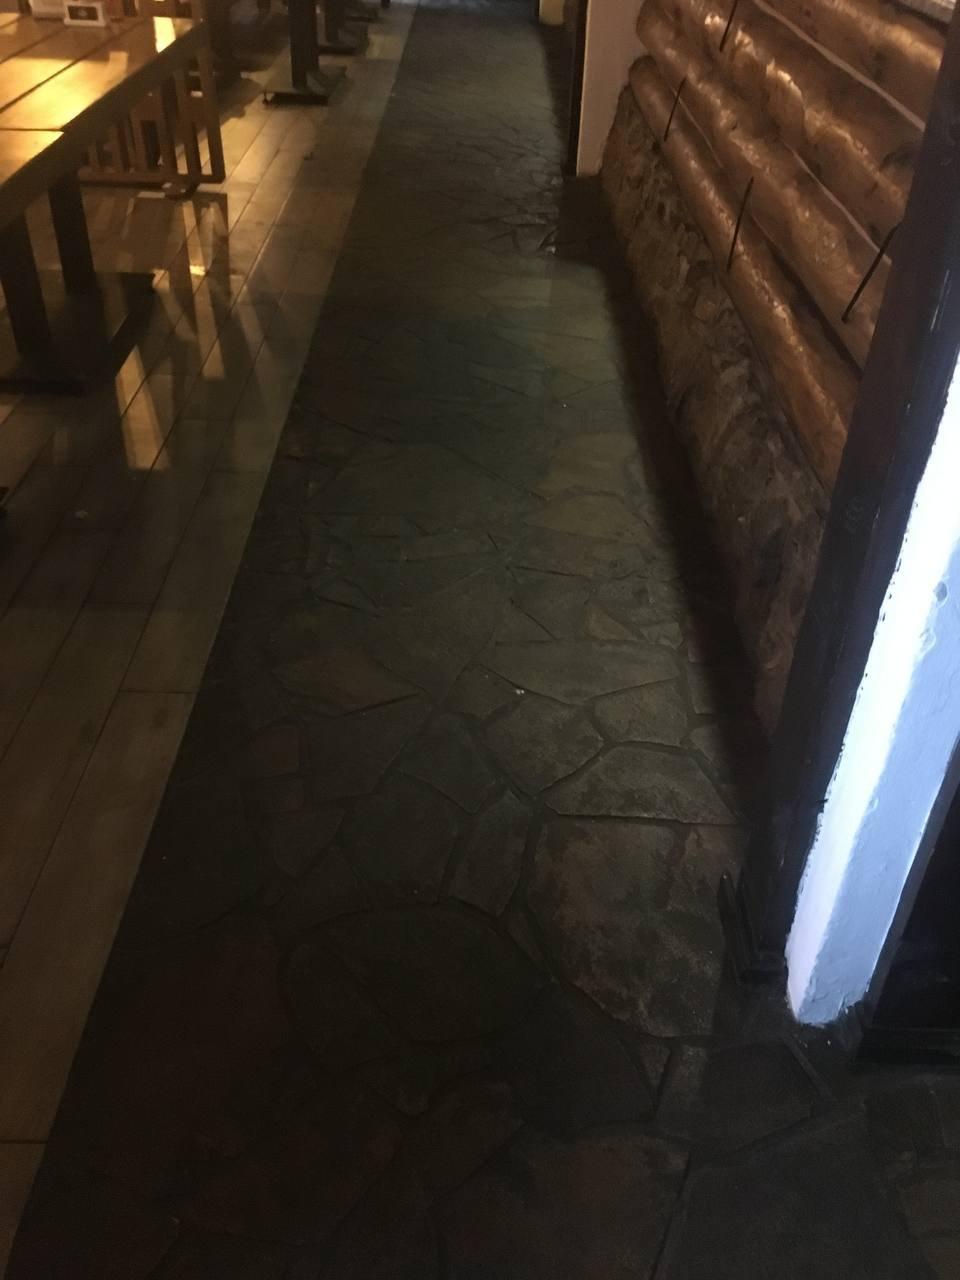 Стирка ковров, химчистка мебели, профессиональная уборка от сервиса чистоты Clean Master, фото-9